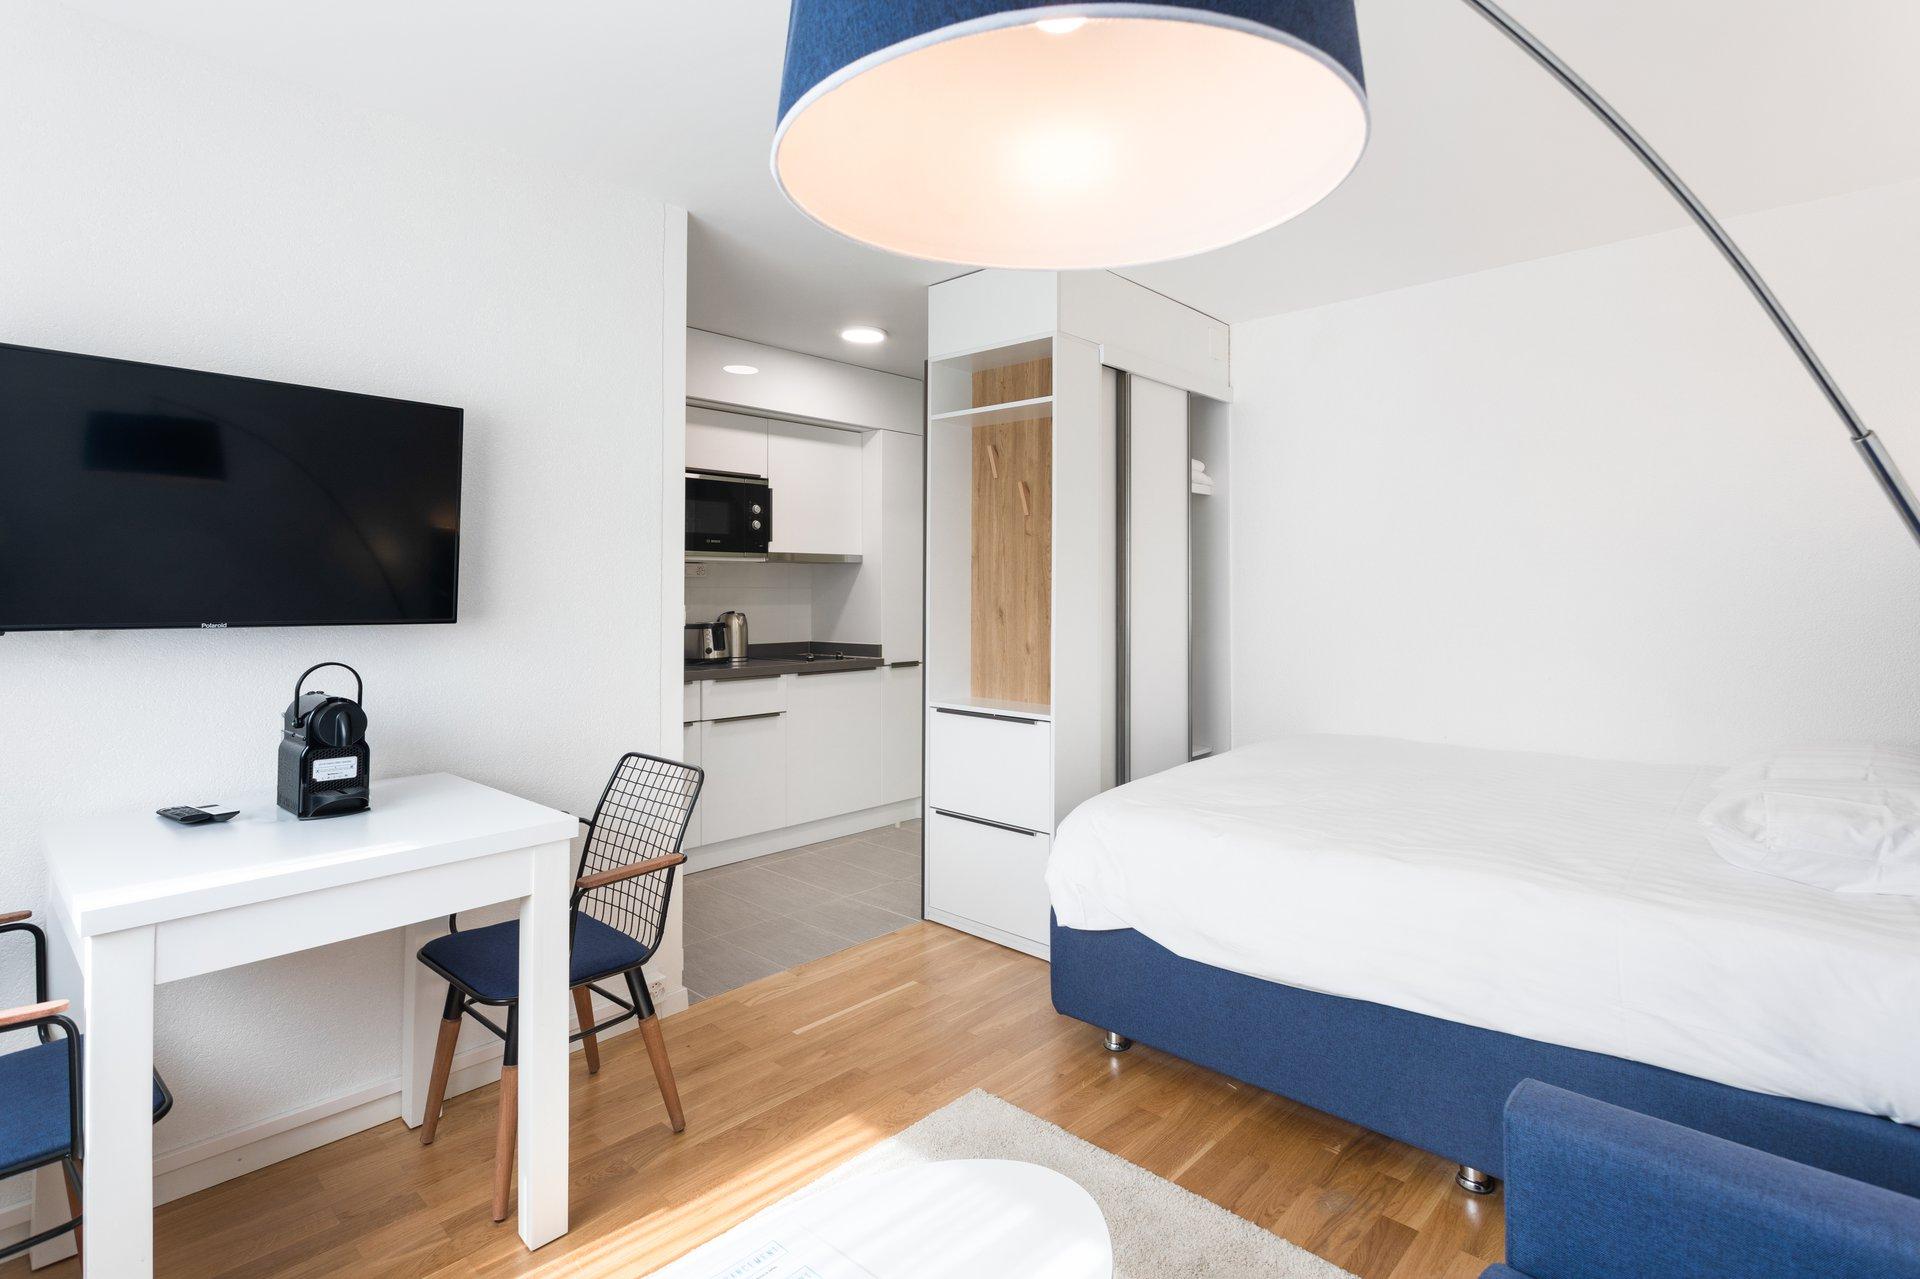 Soyez le premier locataire de ce tout nouveau studio meublé et équipé, proposant un coin cuisine d'un standing de haute qu